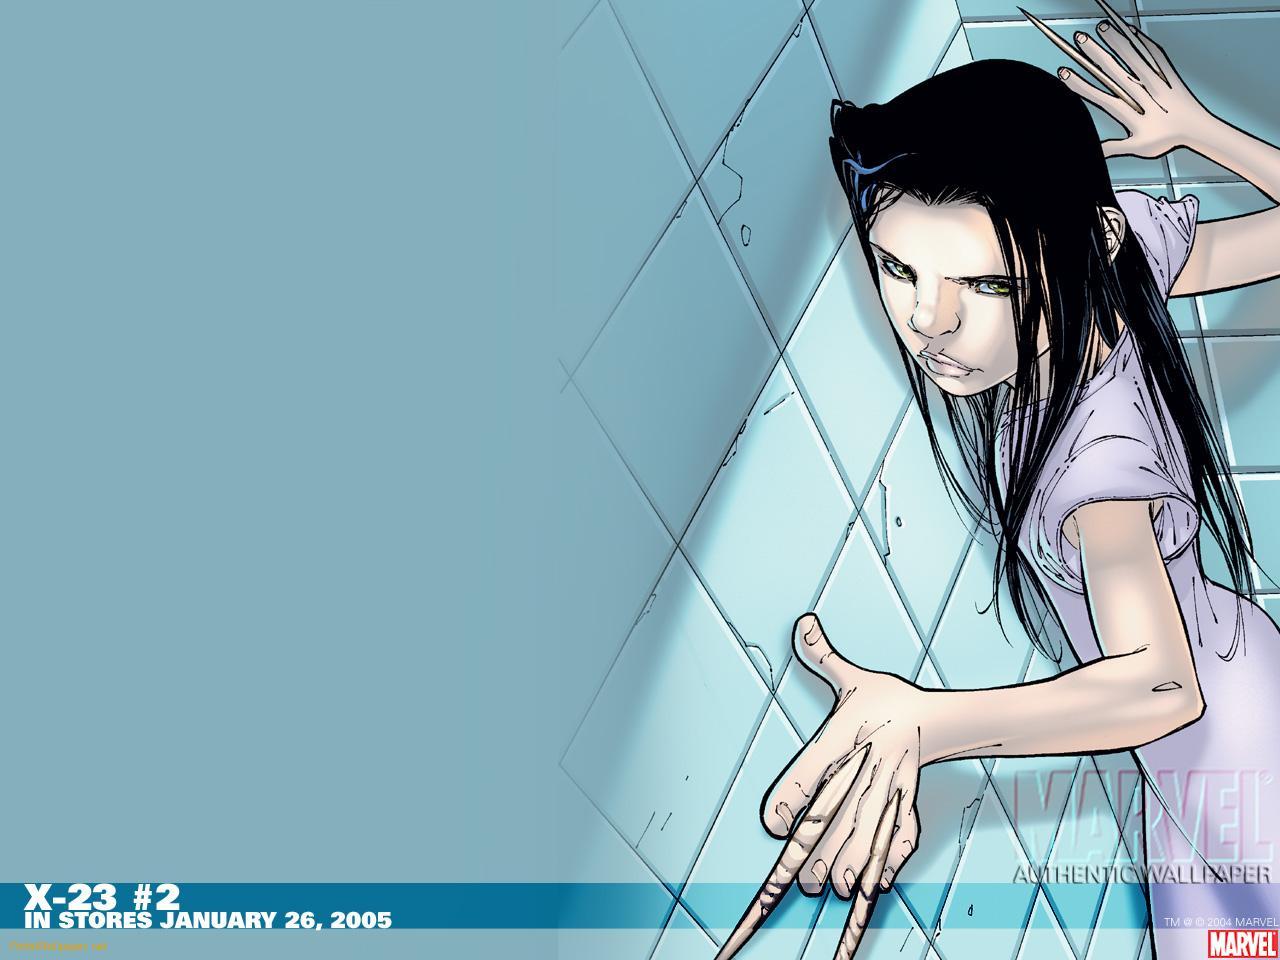 X23 Comics Wallpaper 1280x960